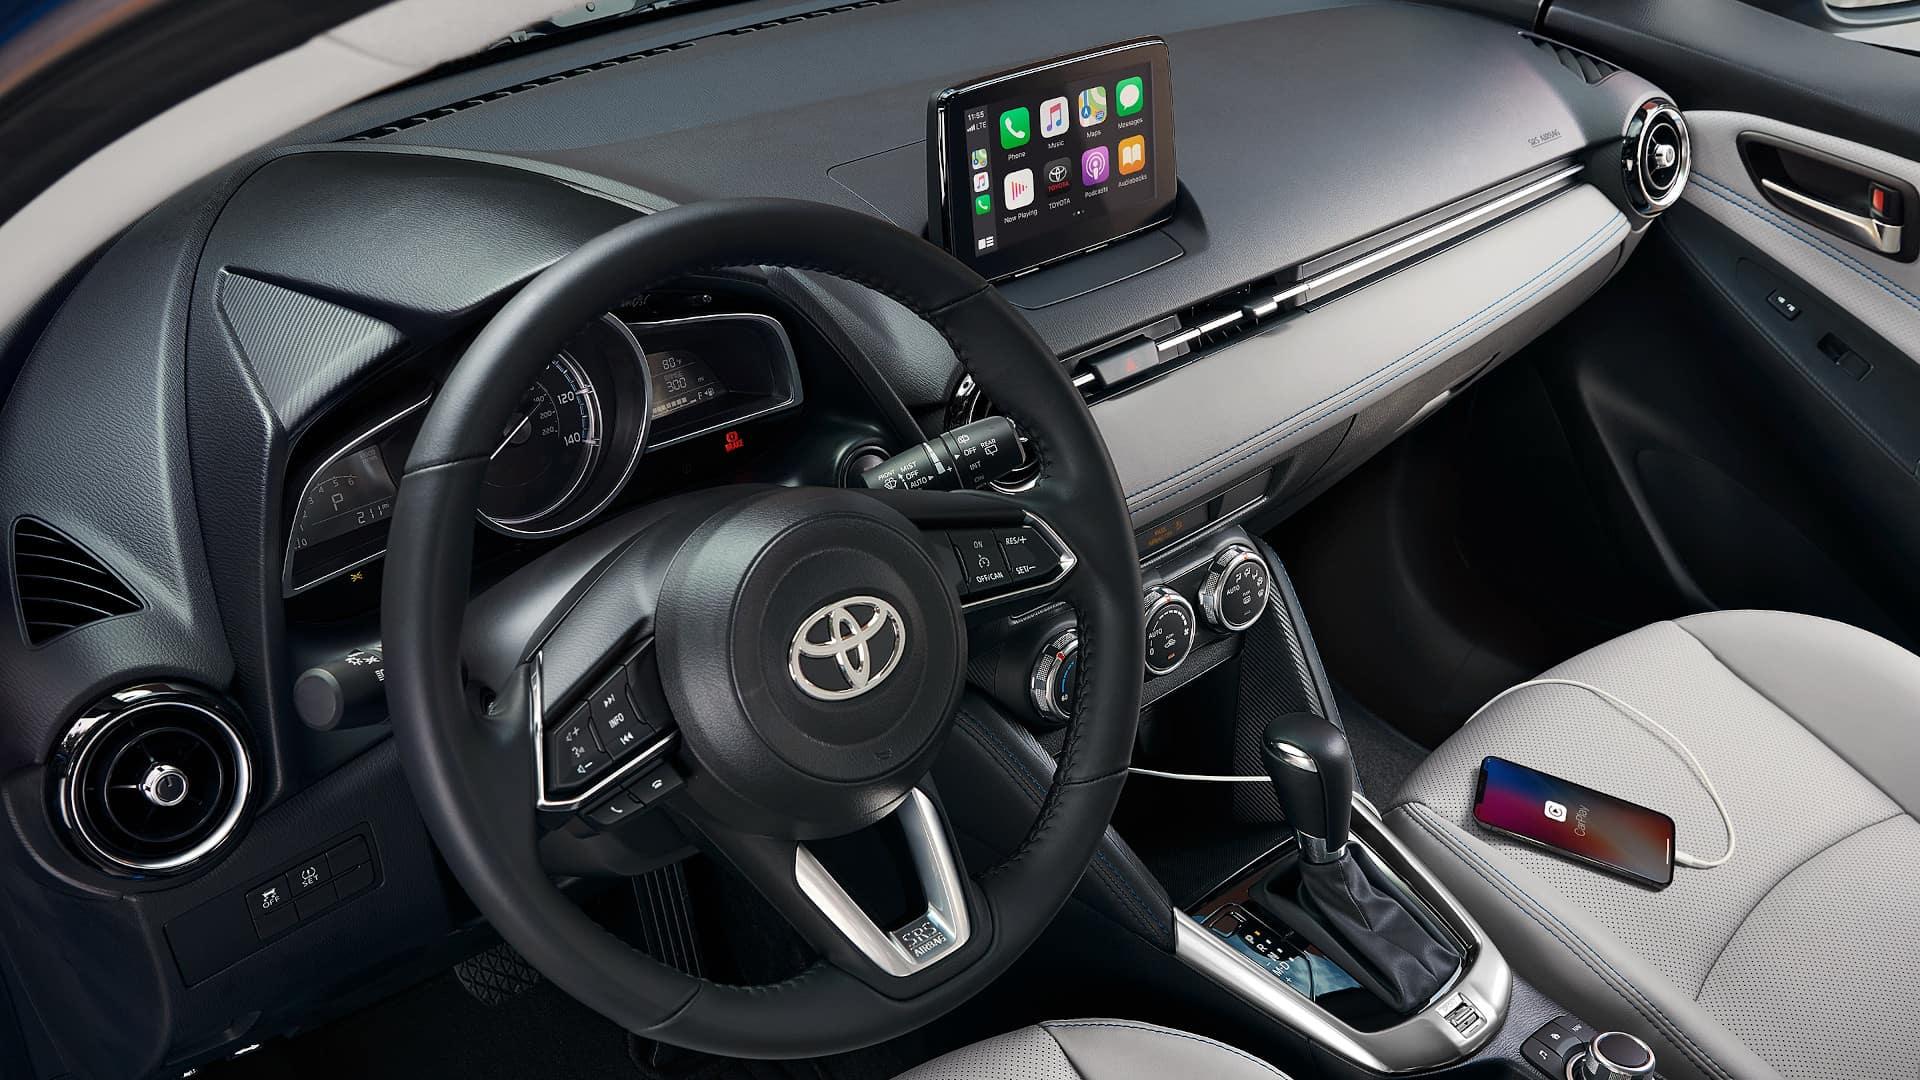 Yaris Hatchback Interior Front